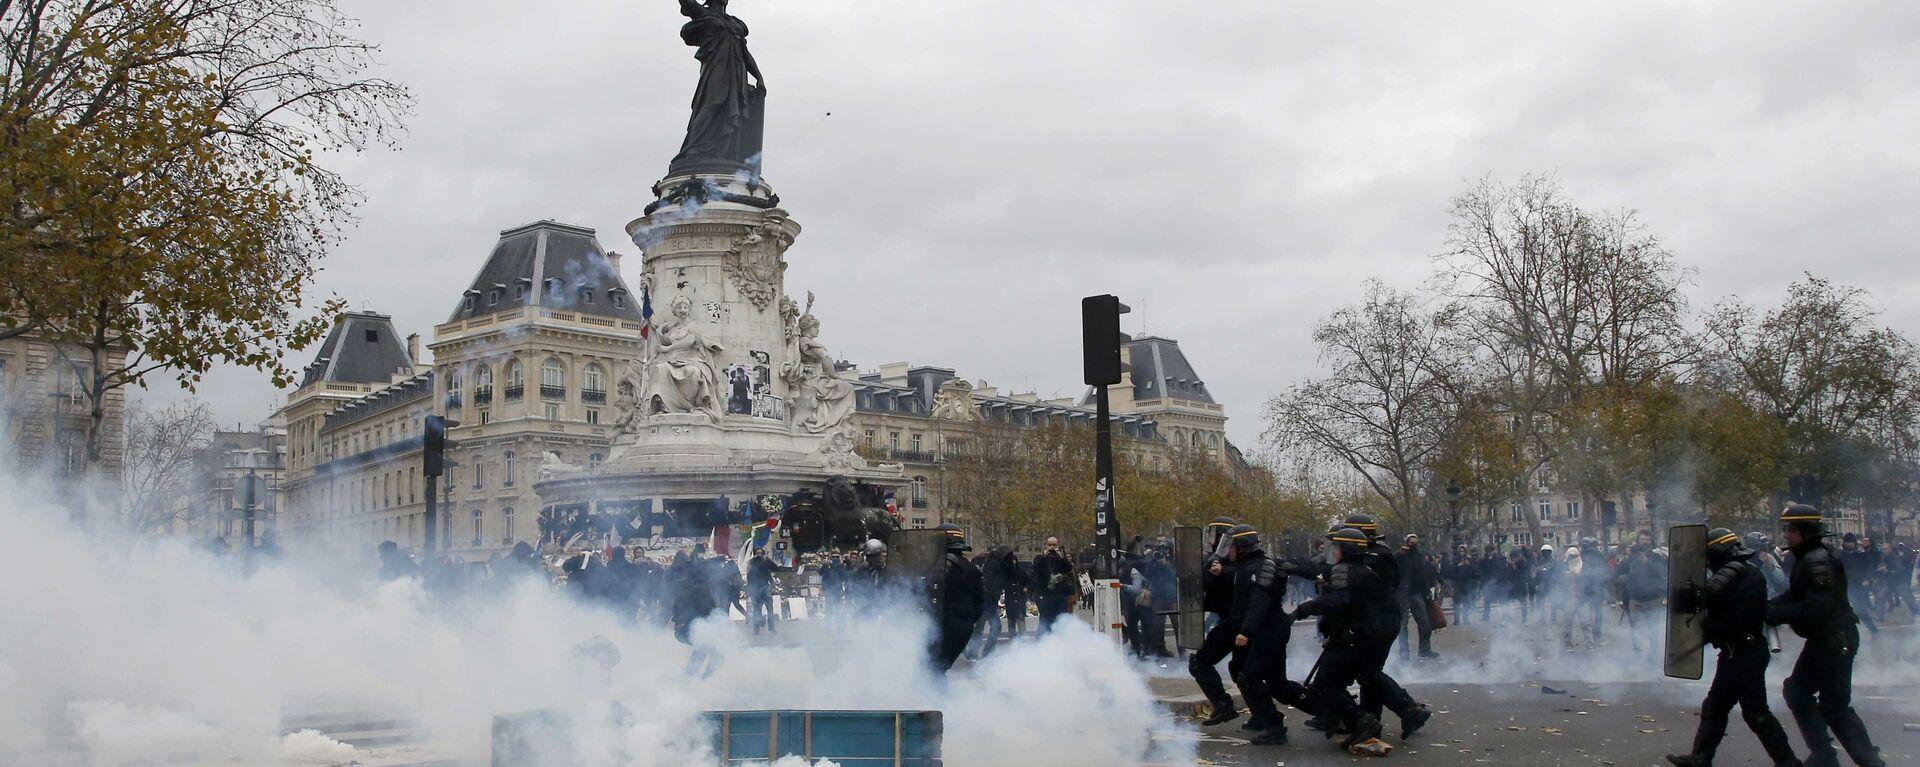 Asi sto lidí zadrželi v Paříži během nepokojů na mítinku na ochranu ekologie - Sputnik Česká republika, 1920, 27.07.2021